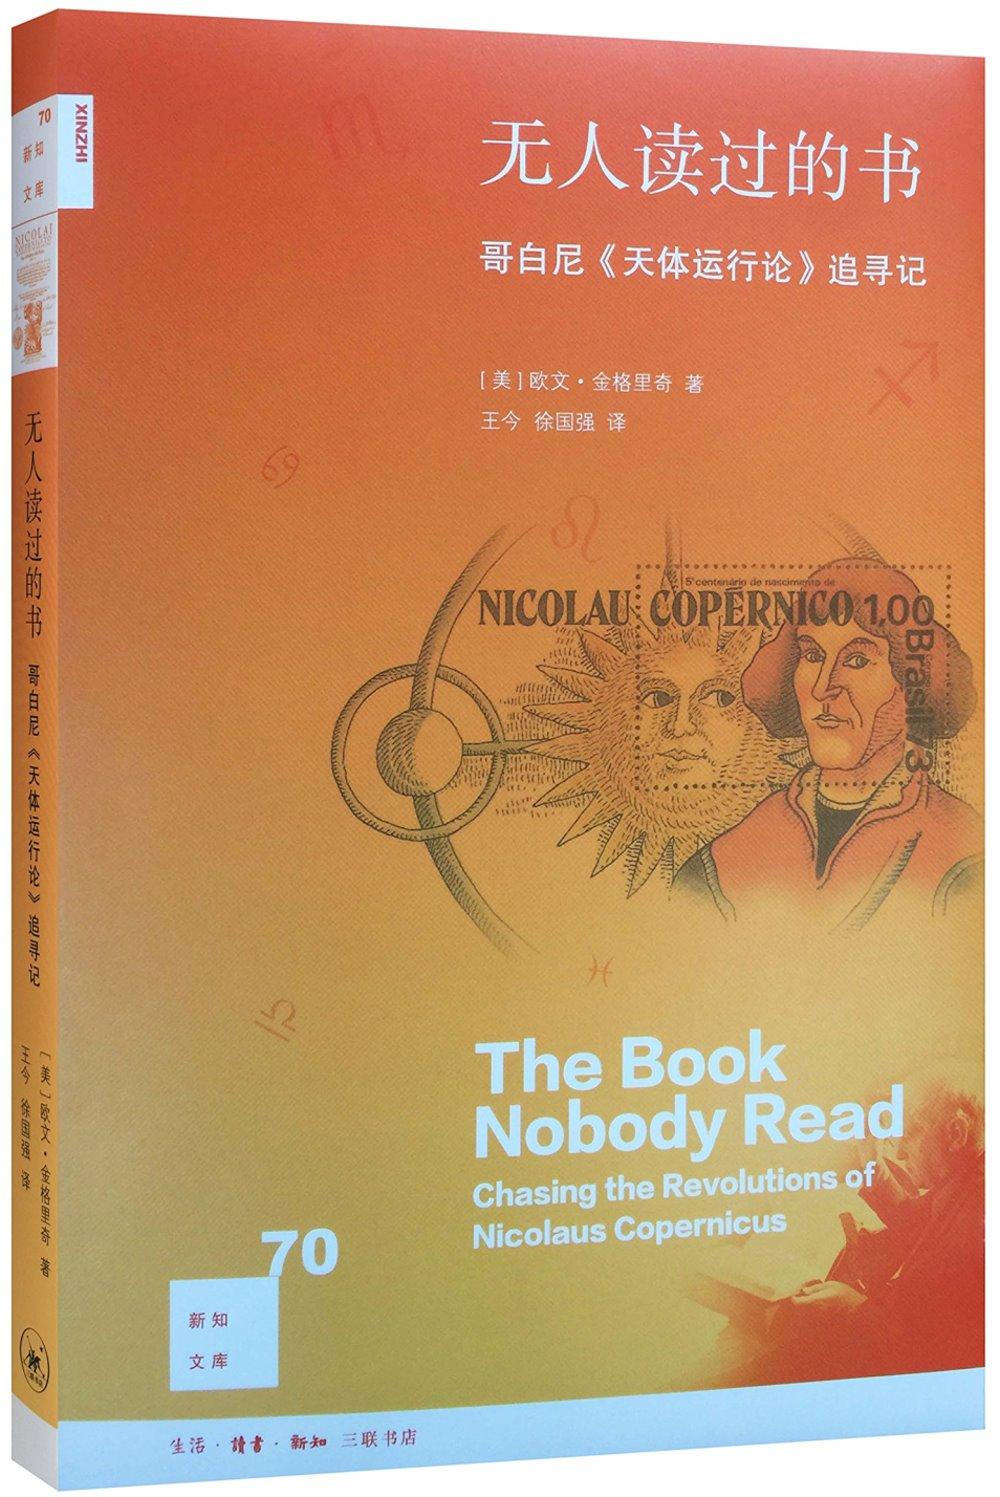 無人讀過的書:哥白尼《天體運行論》追尋記